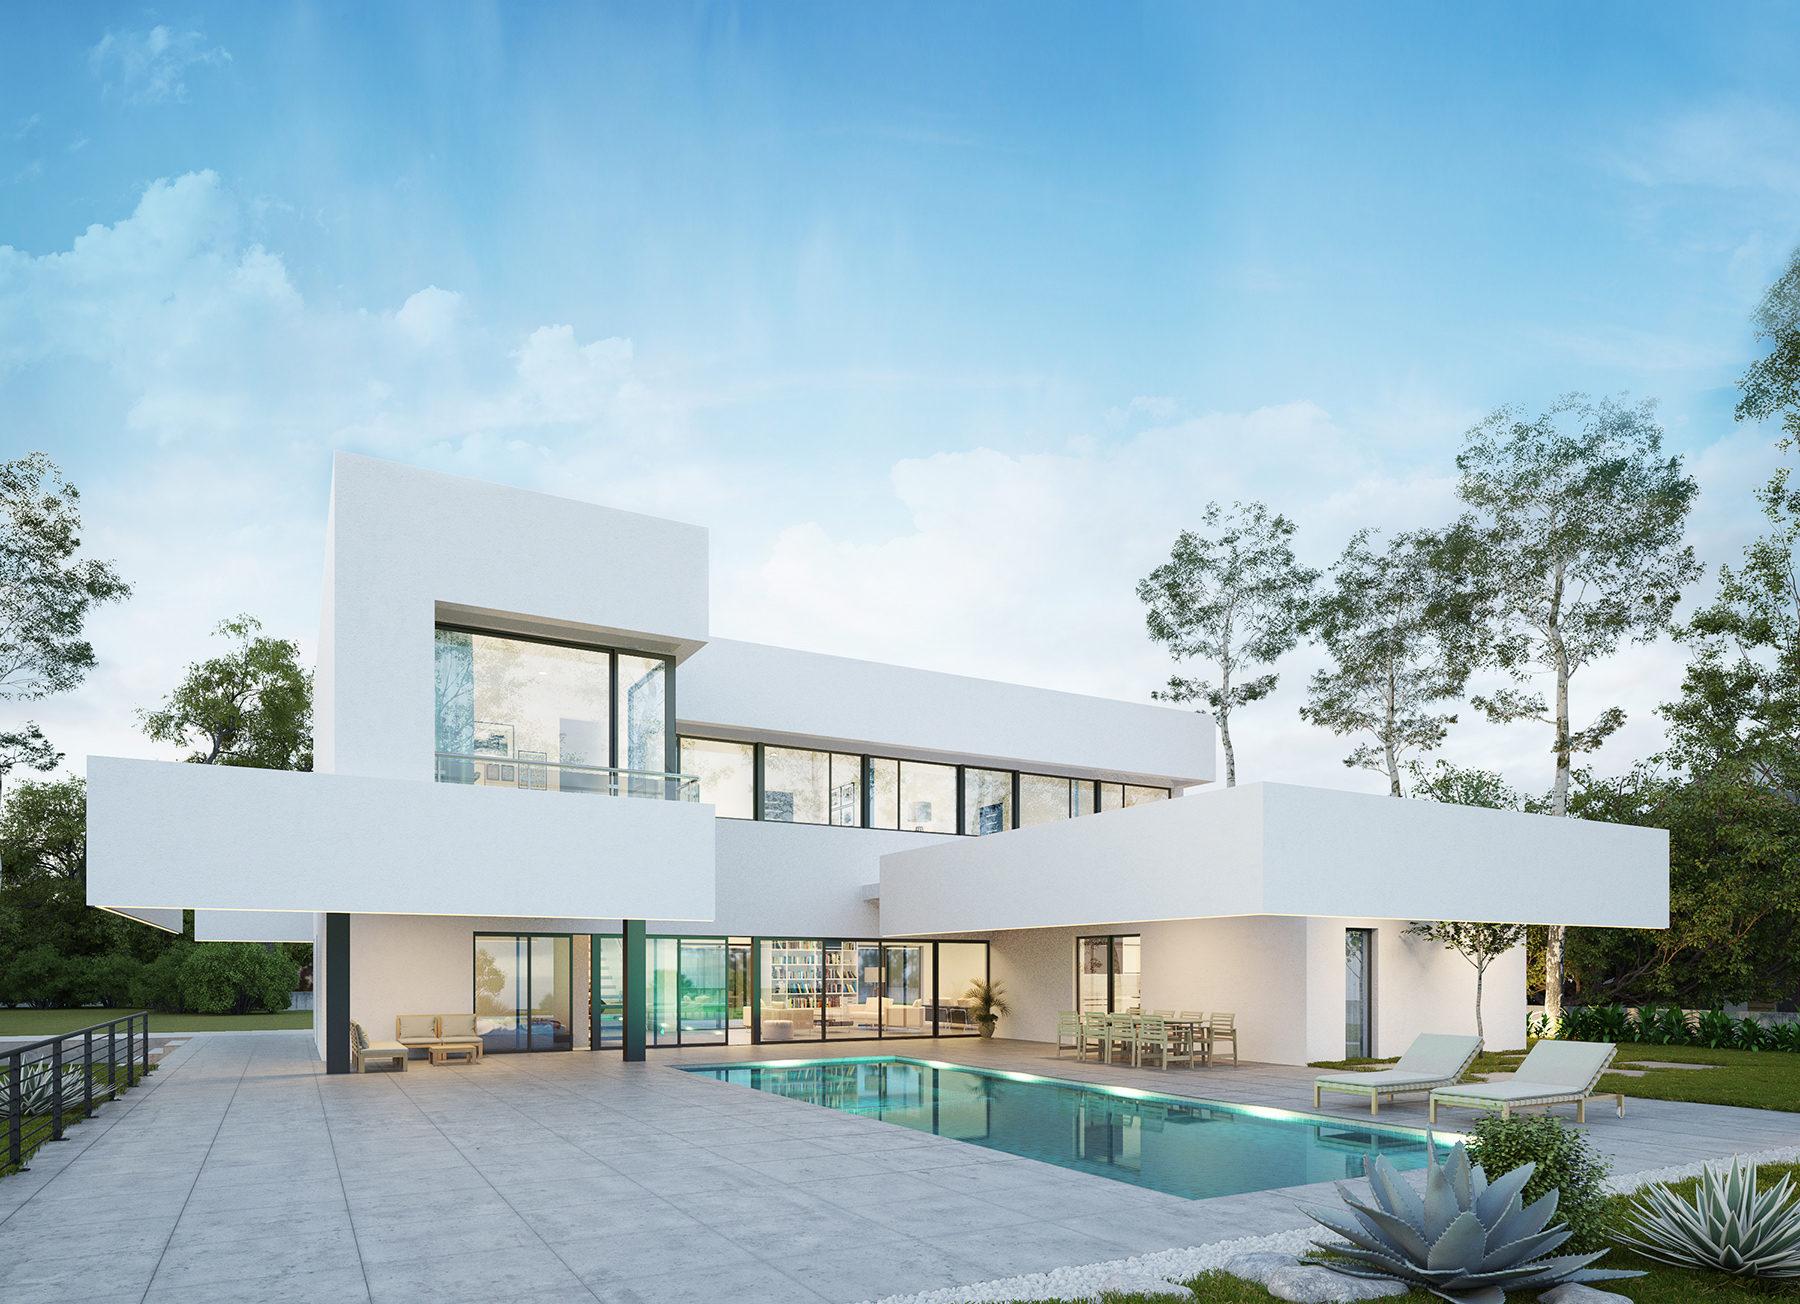 Vivienda unifamiliar en alicante villa in alicante cor - Arquitectos en alicante ...